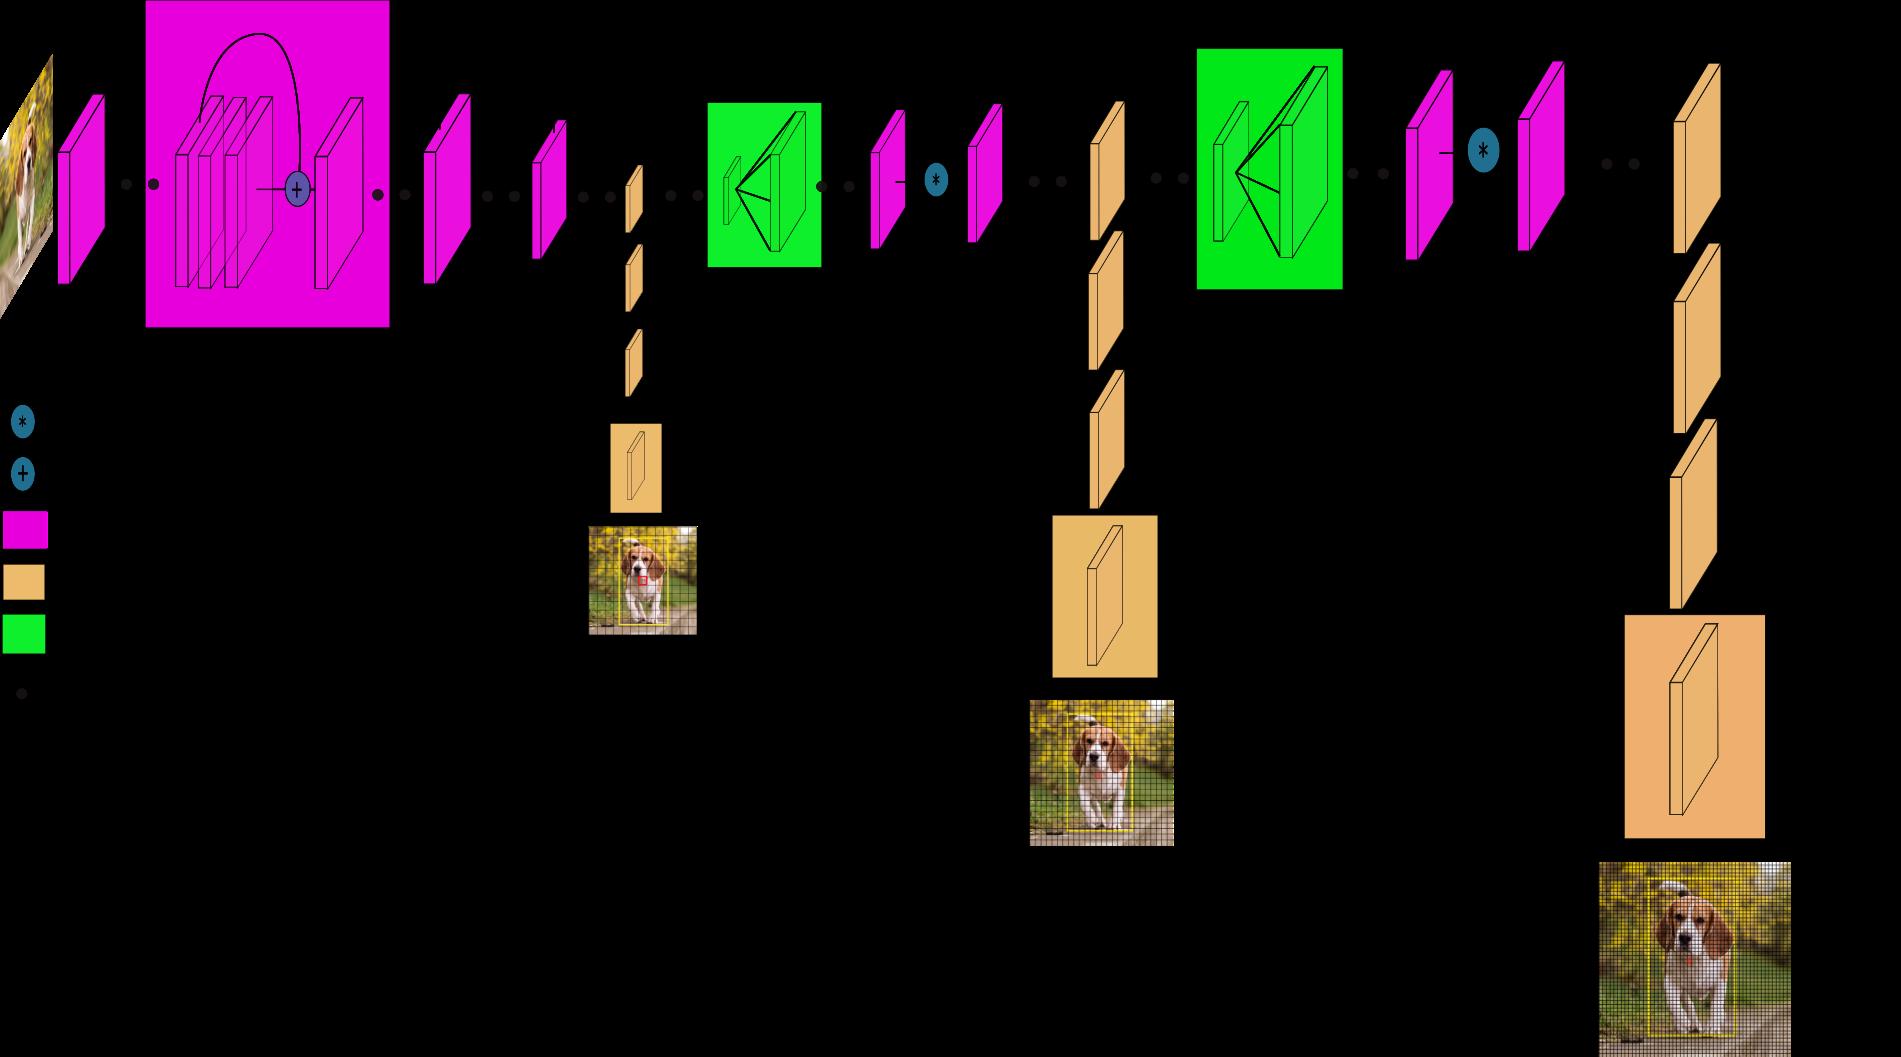 Вижу, значит существую: обзор Deep Learning в Computer Vision (часть 2) - 14